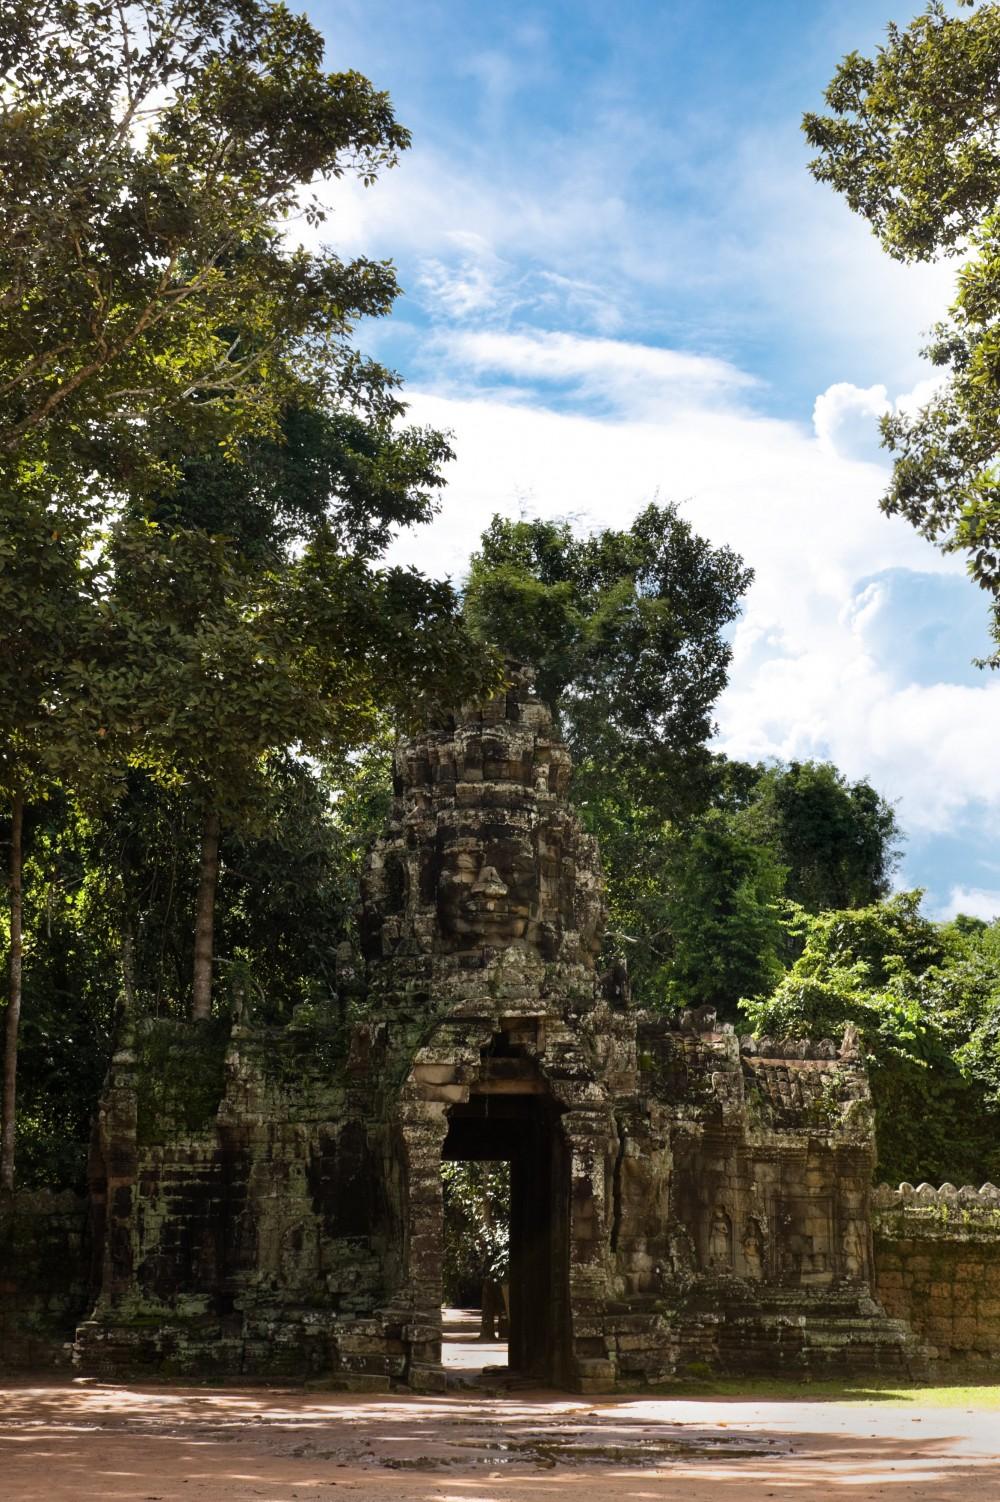 Gate at Angkor Temples